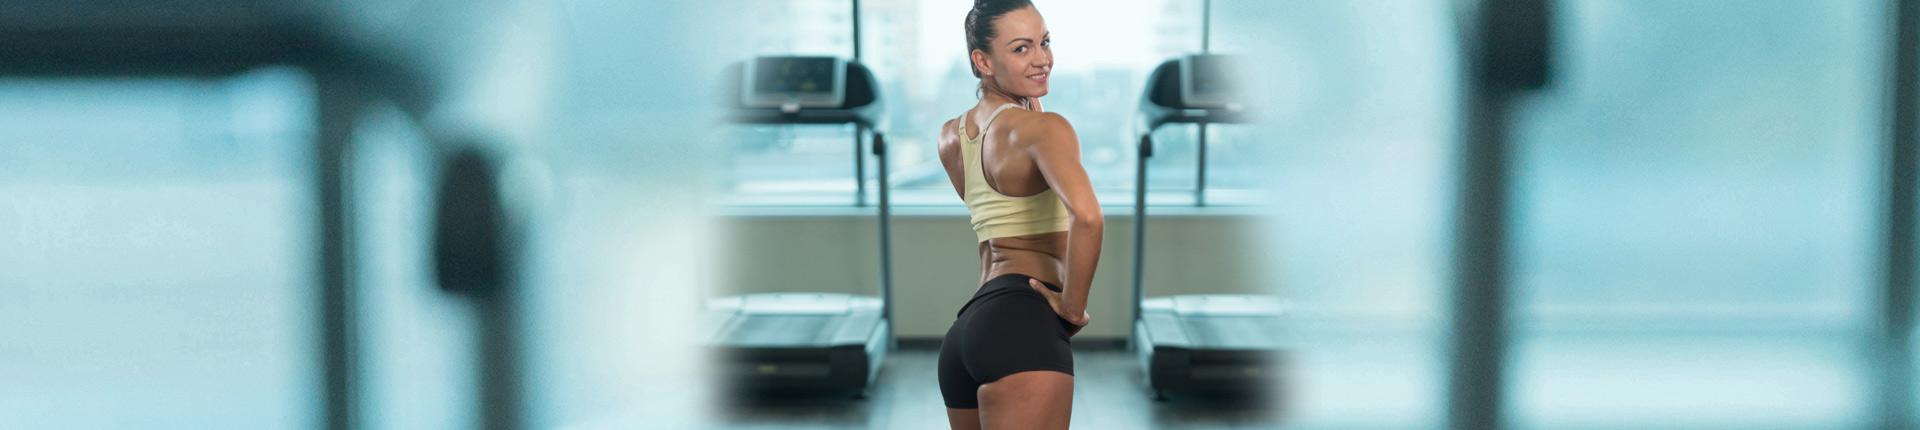 Jak pozbyć się cellulitu - ćwiczenia